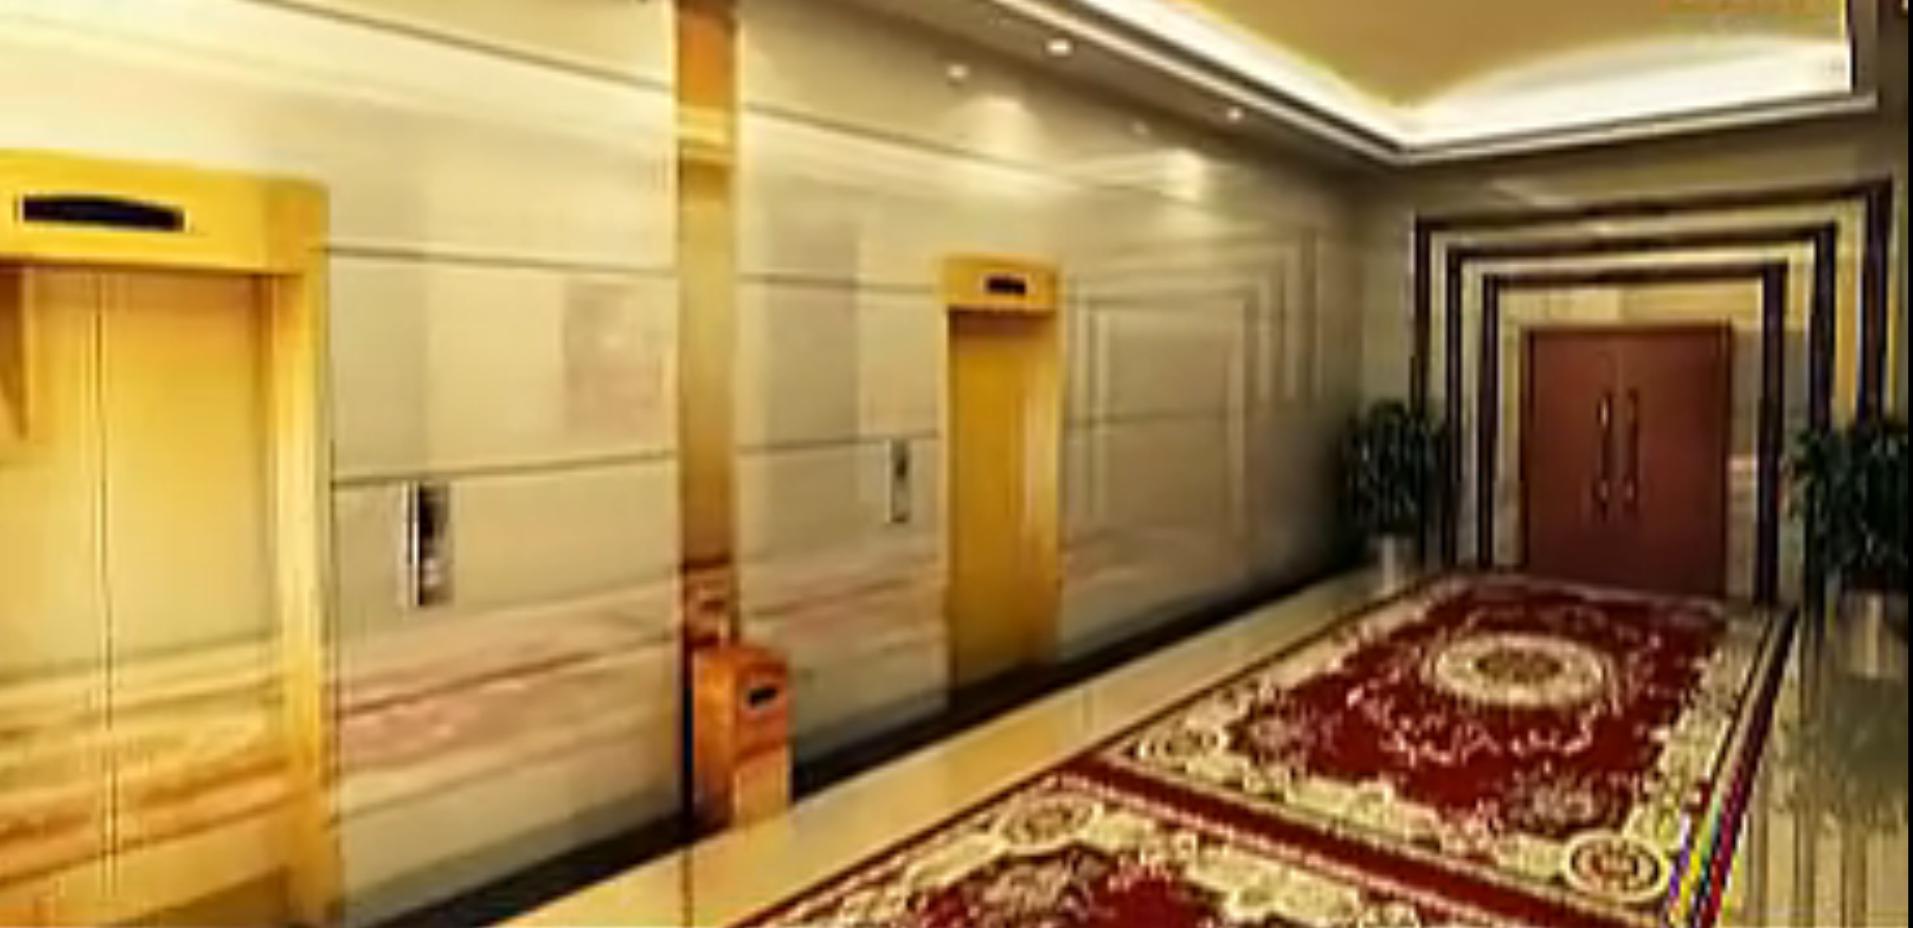 武汉三维机械产品动画制作:电梯杜绝事故频发 三维动画制作 第1张